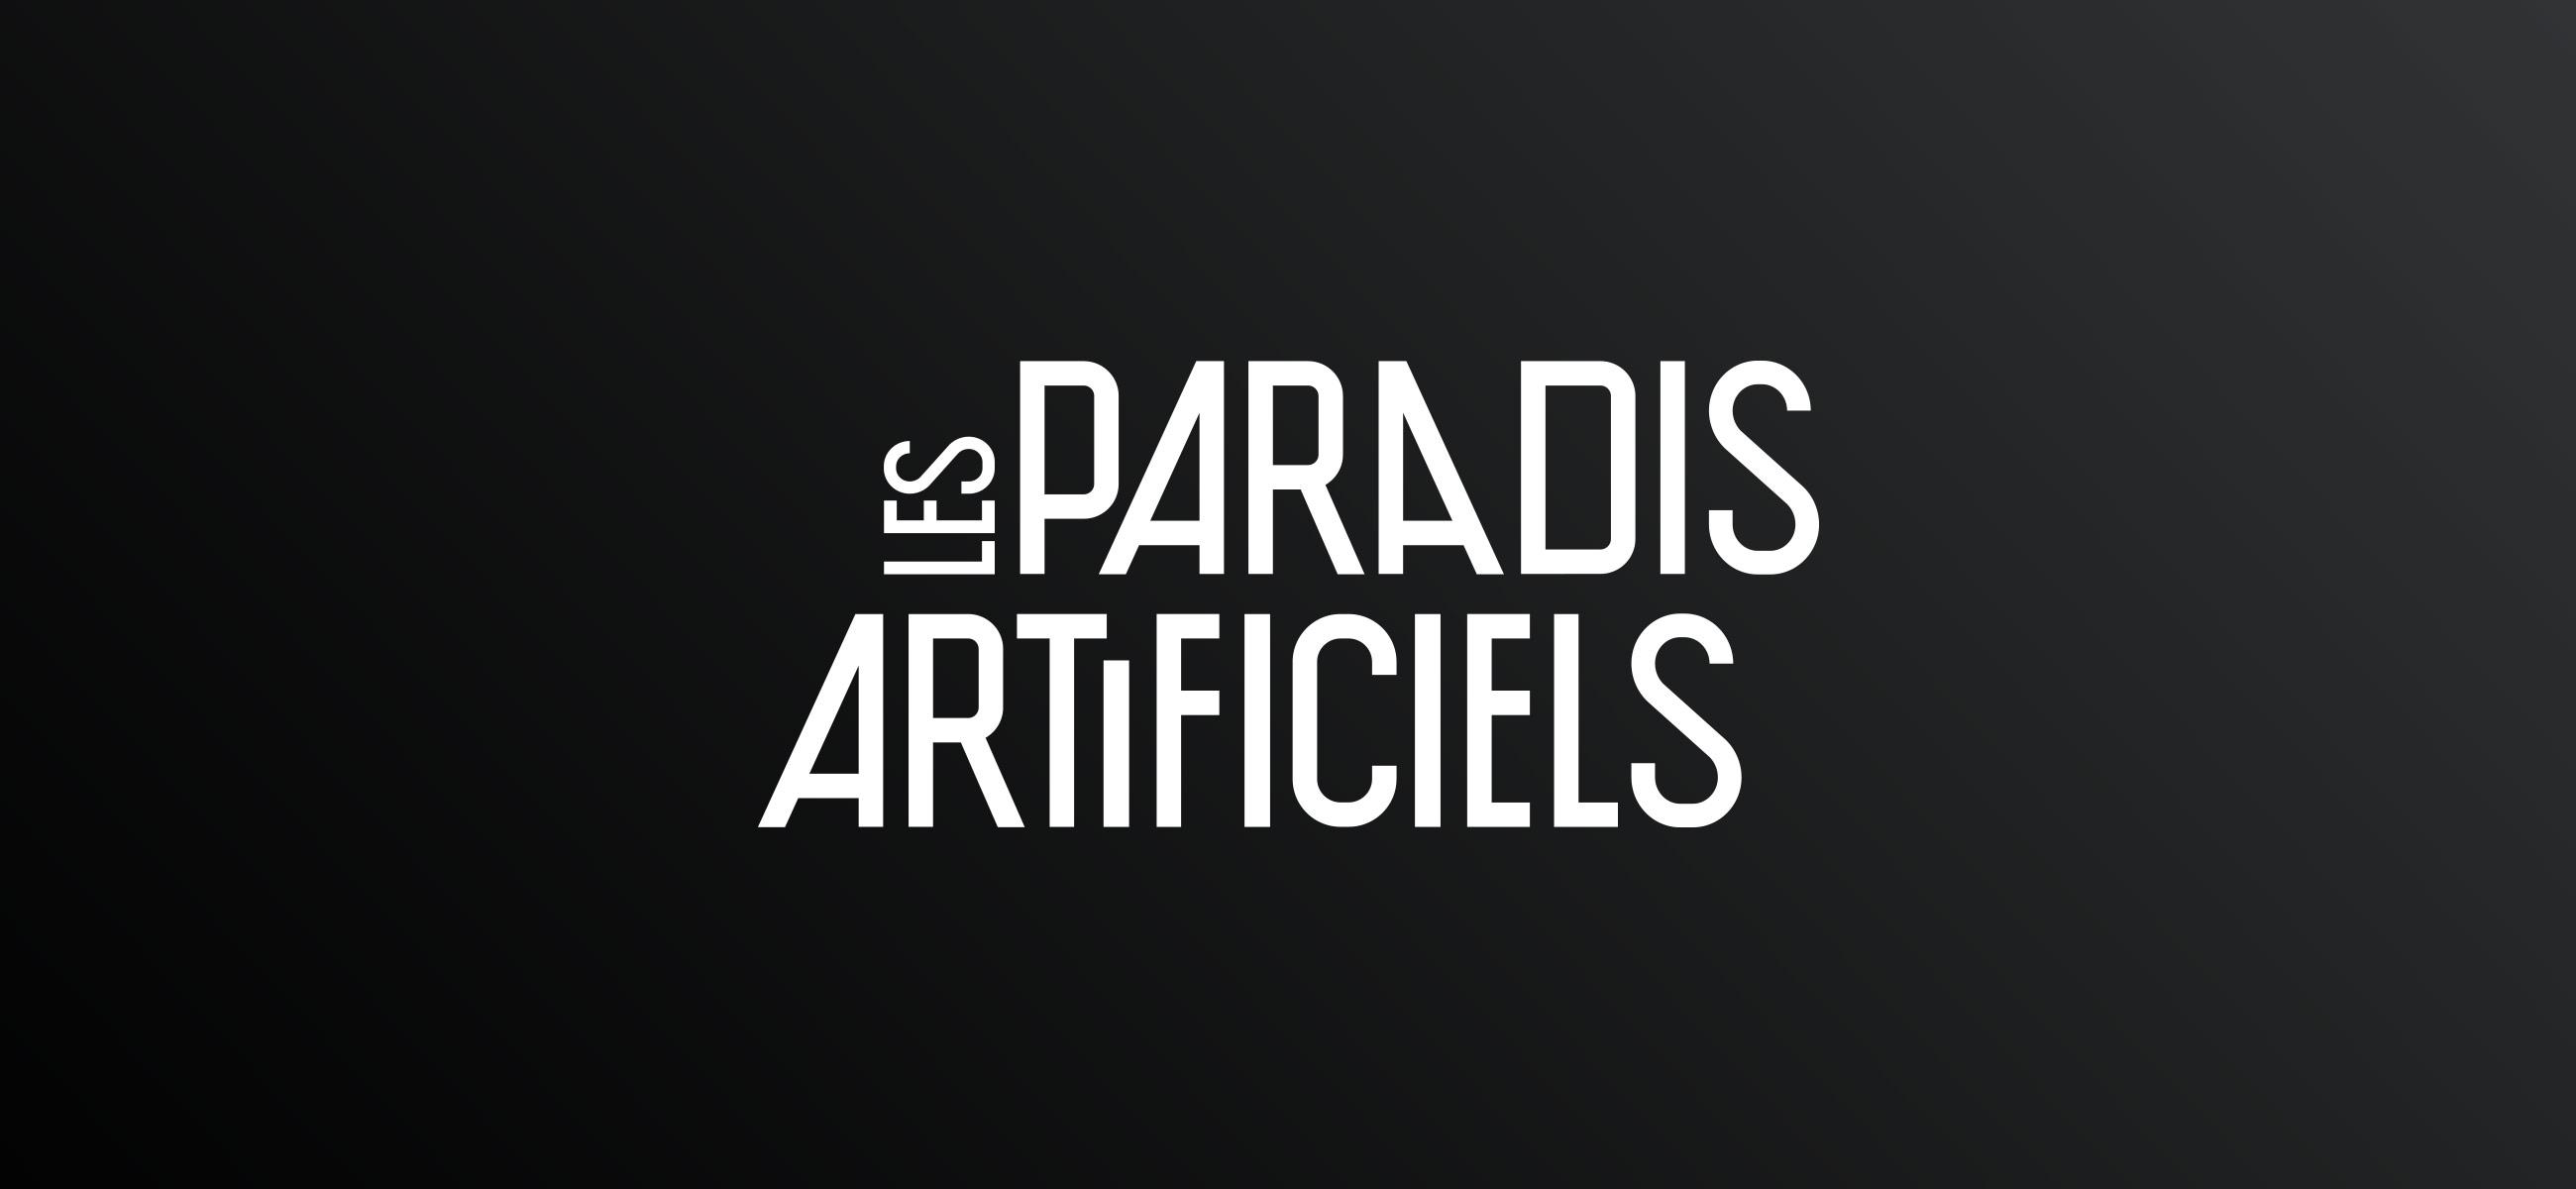 00_paradis_artificiels_2019_parallelegraphique